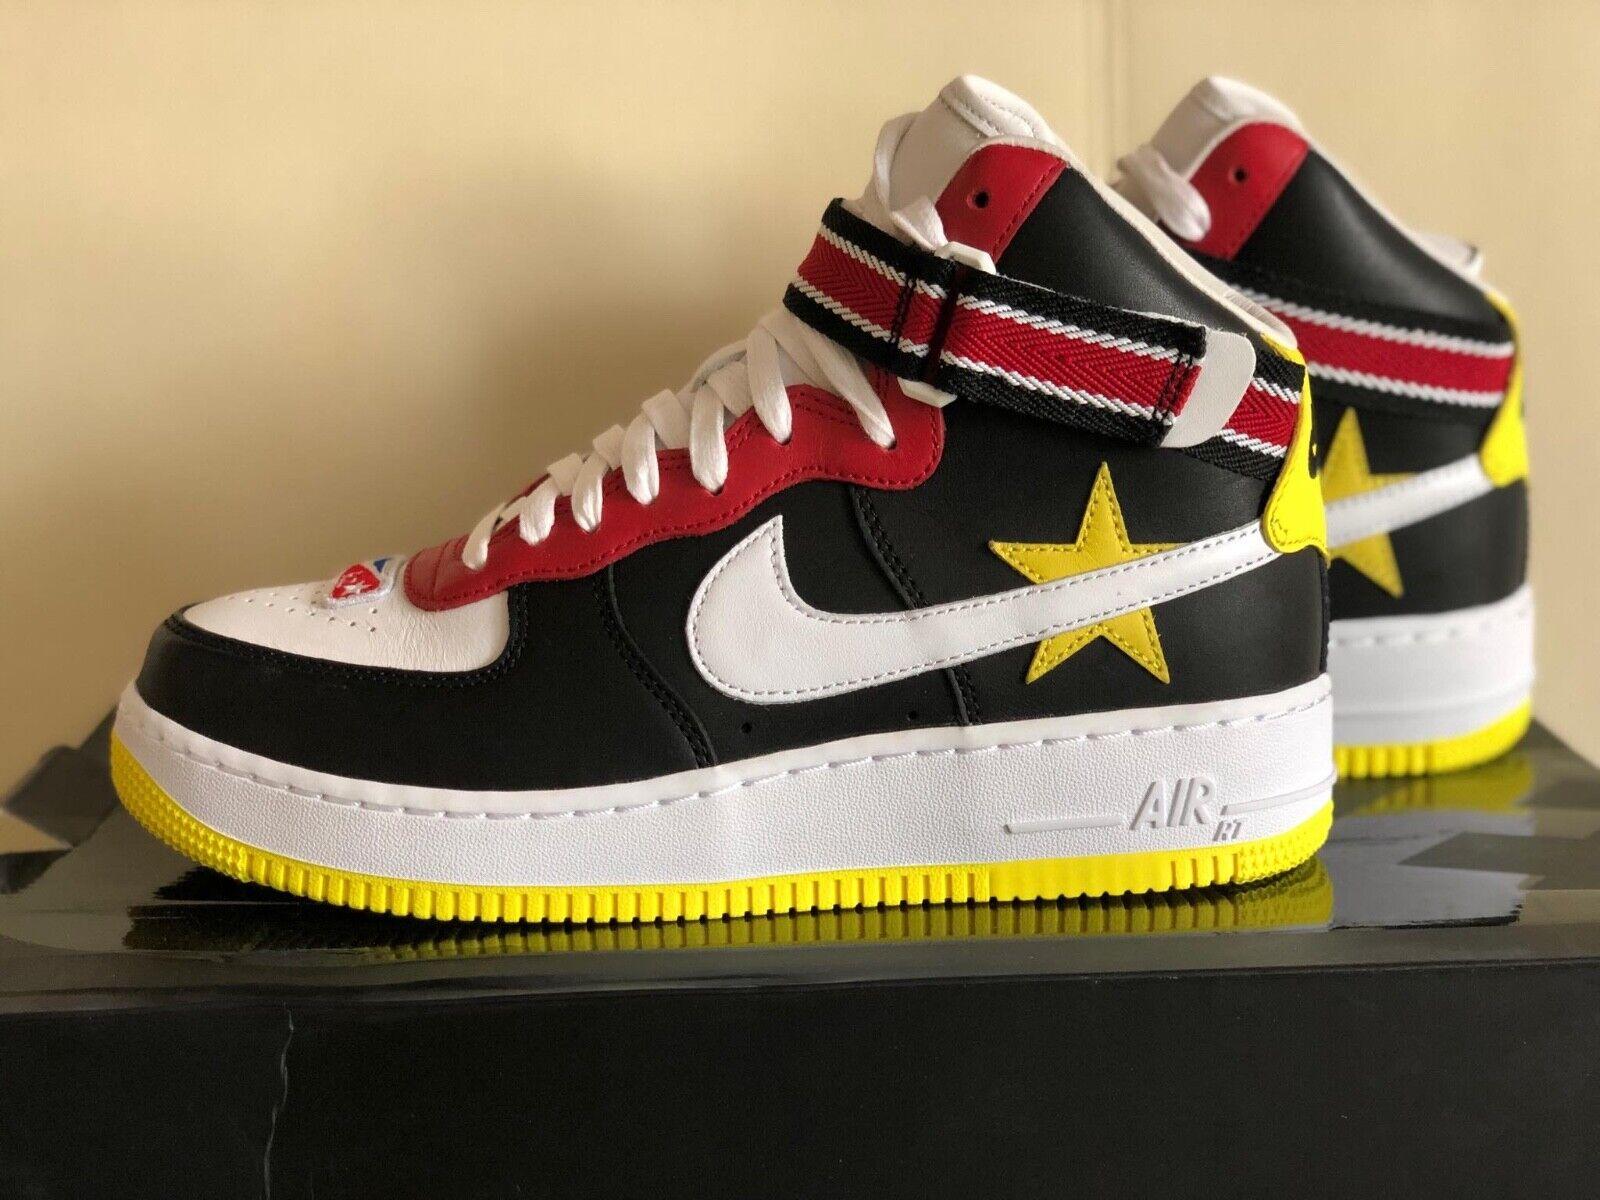 9b153a1dbd Riccardo Tisci x Nike Air Force 1 High Victorious Minotaur AQ3366-600 shoes  NIB